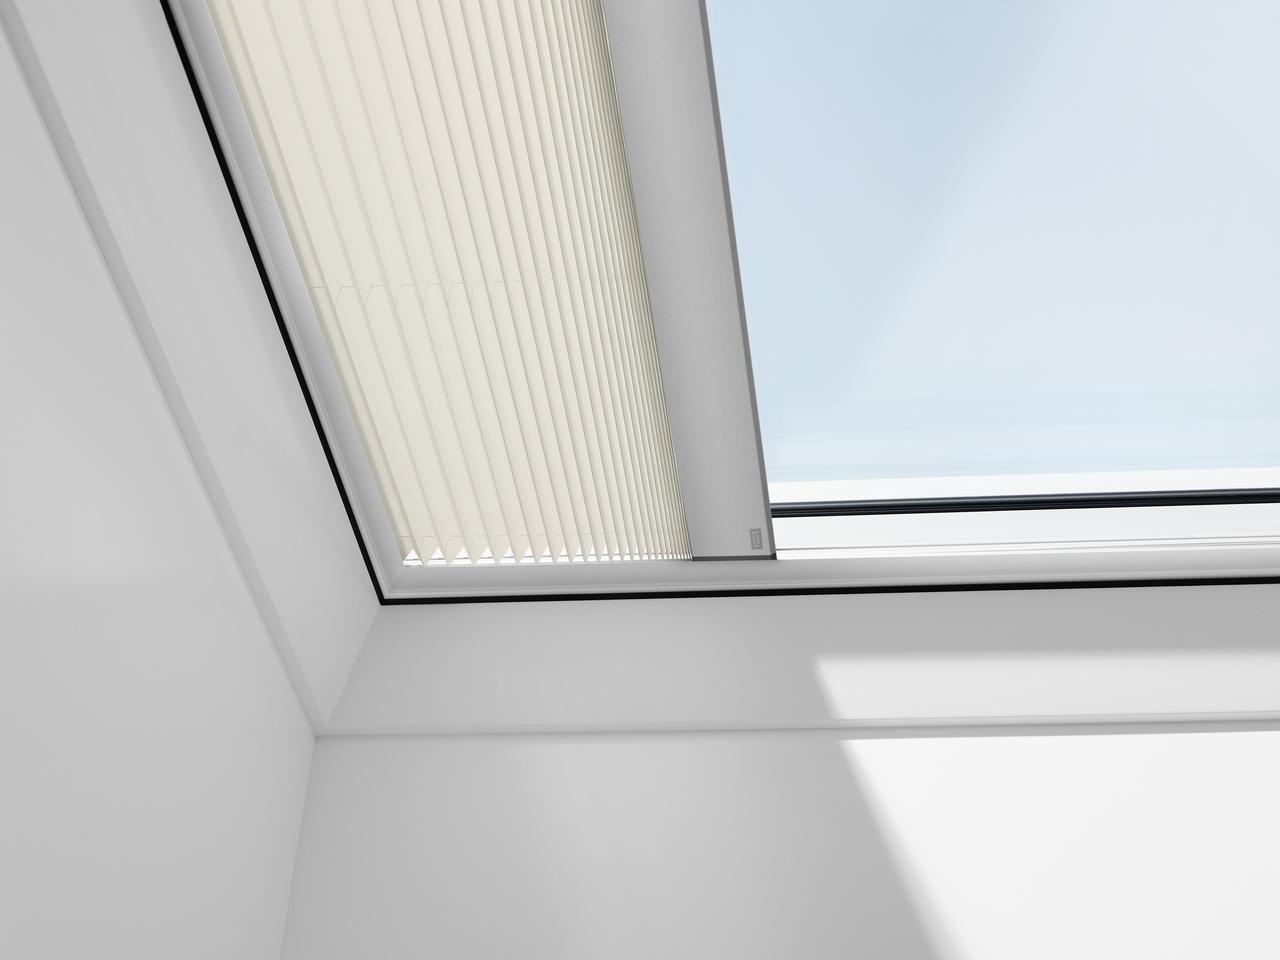 Tende filtranti plissettate per finestre per tetti piani velux for Velux rivenditori